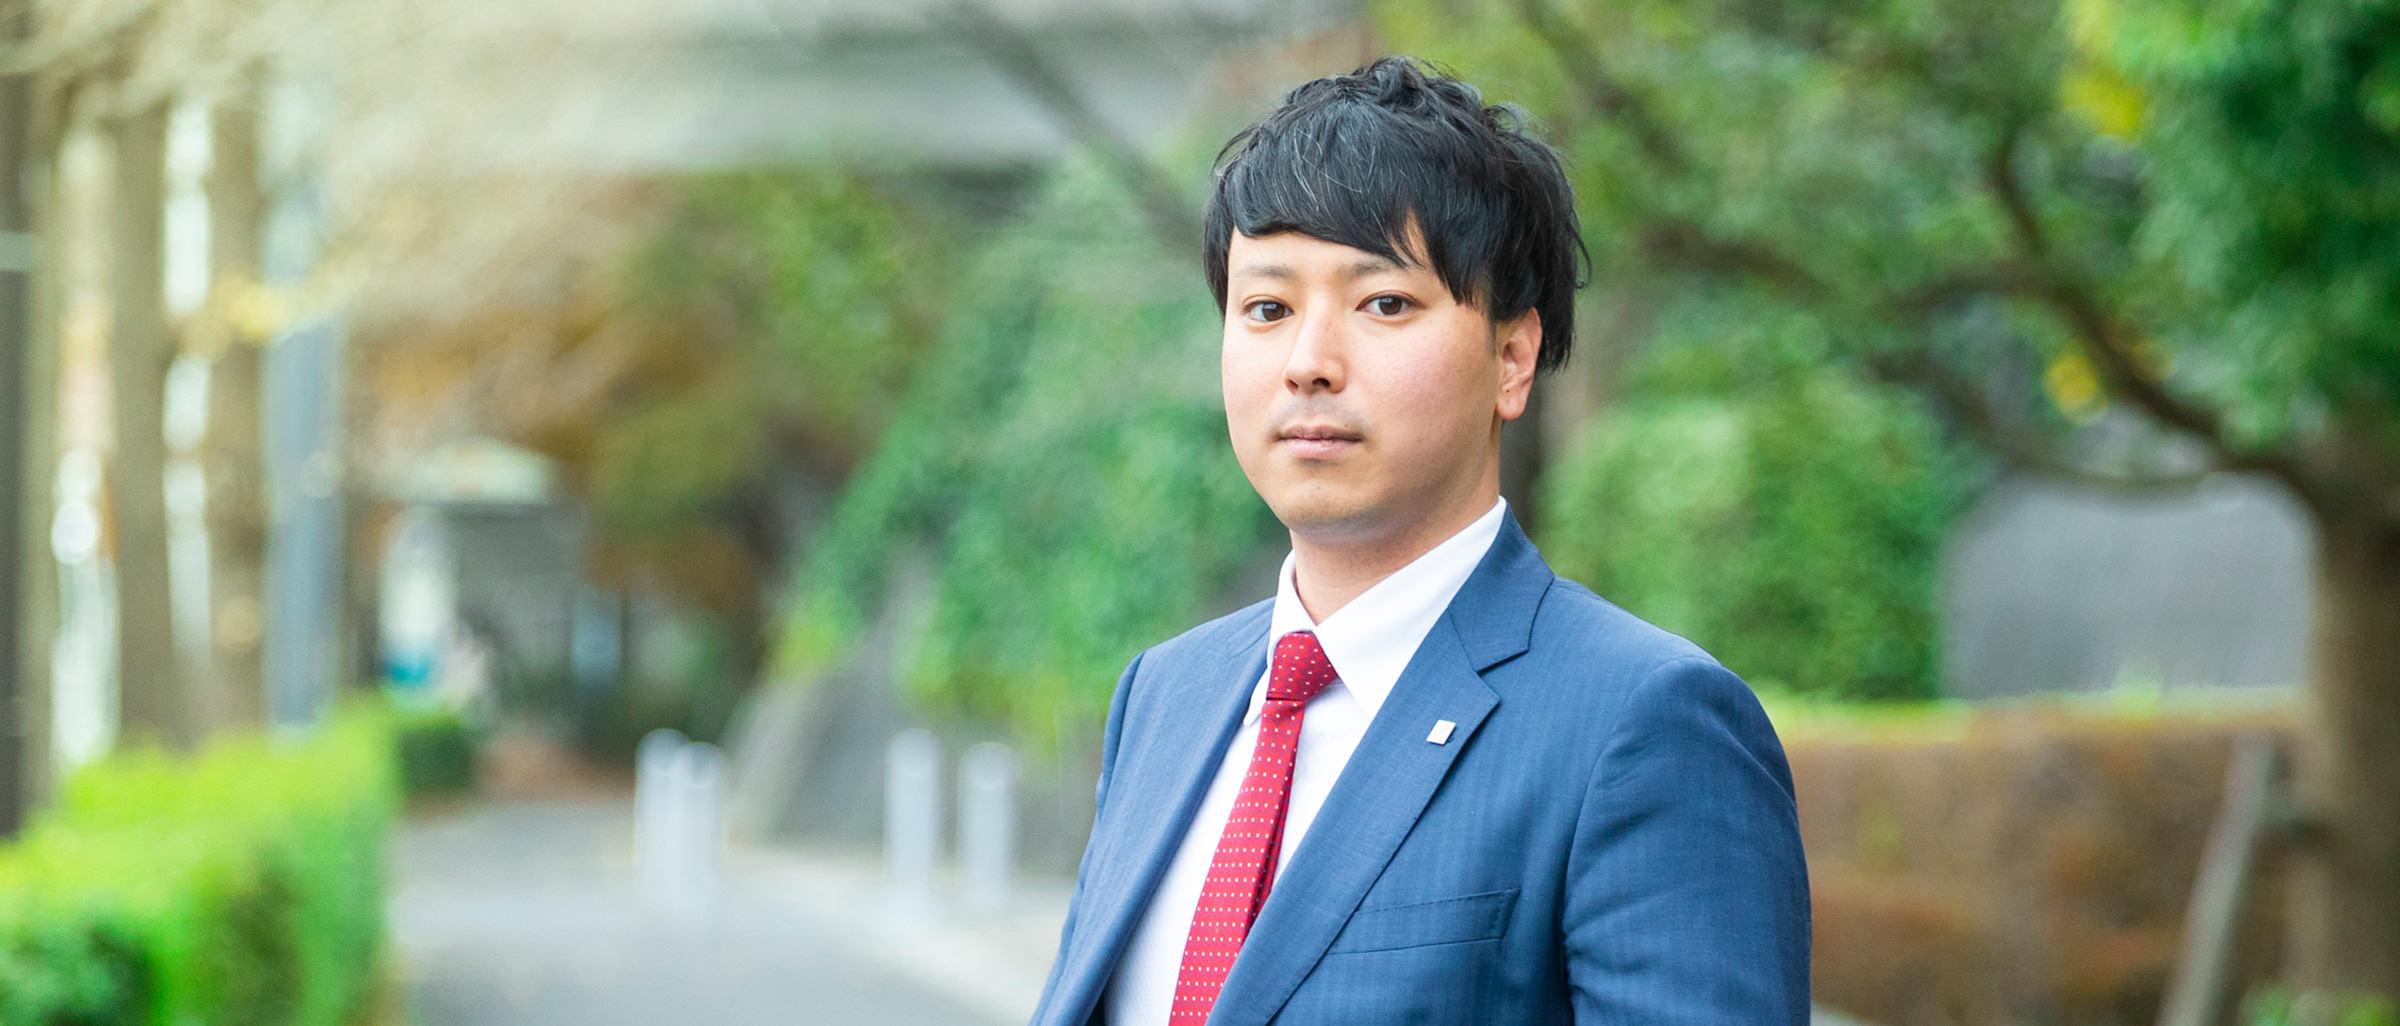 横浜営業所 営業一課 2013年 新卒入社